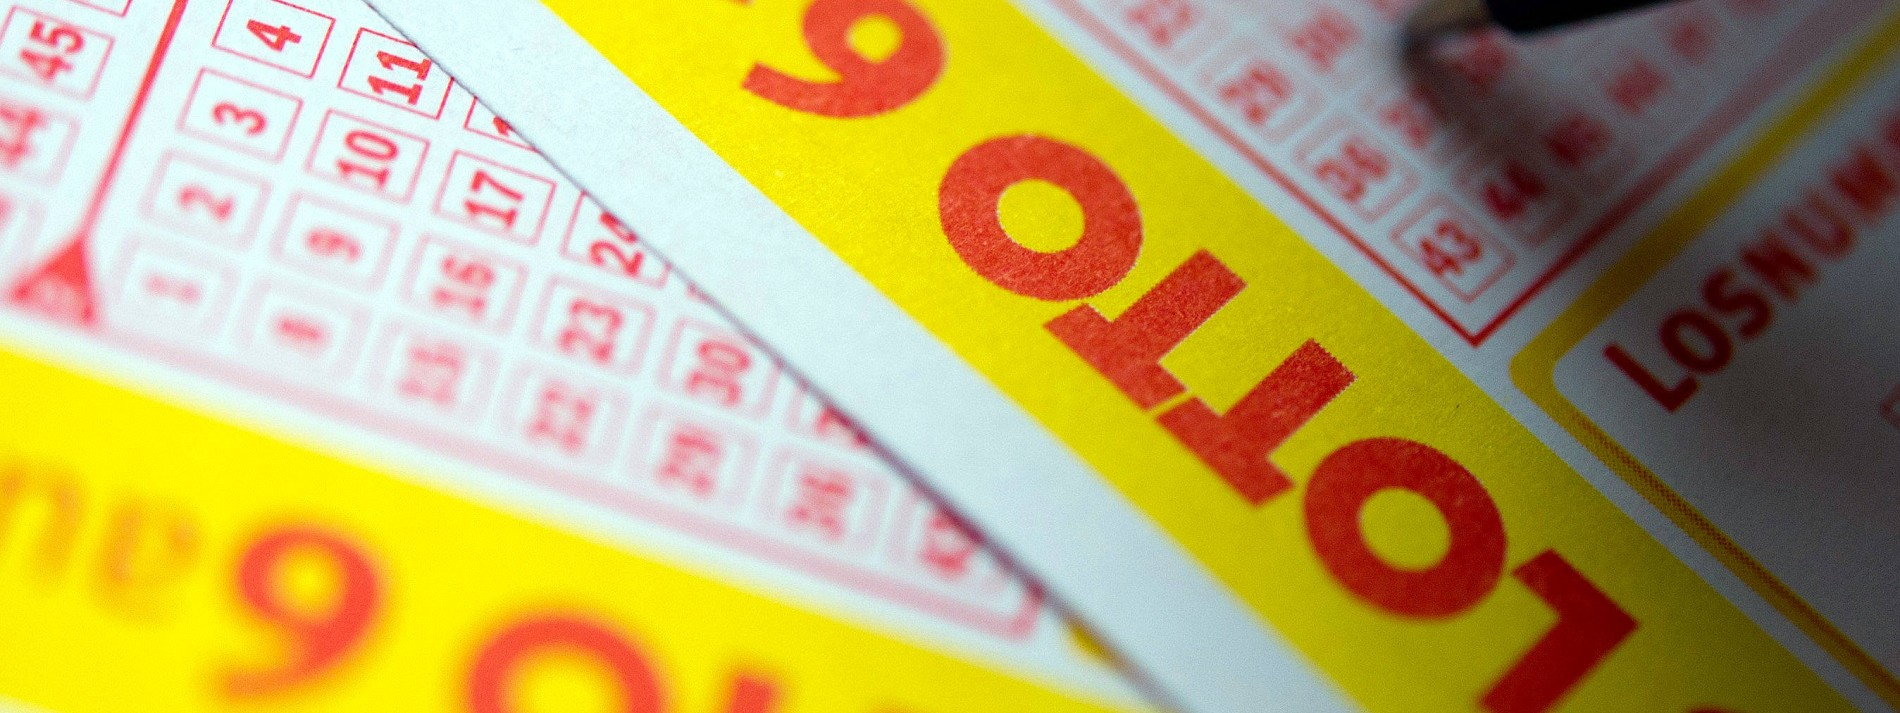 Sechsstelliger Lottogewinn wartet noch immer auf Besitzer